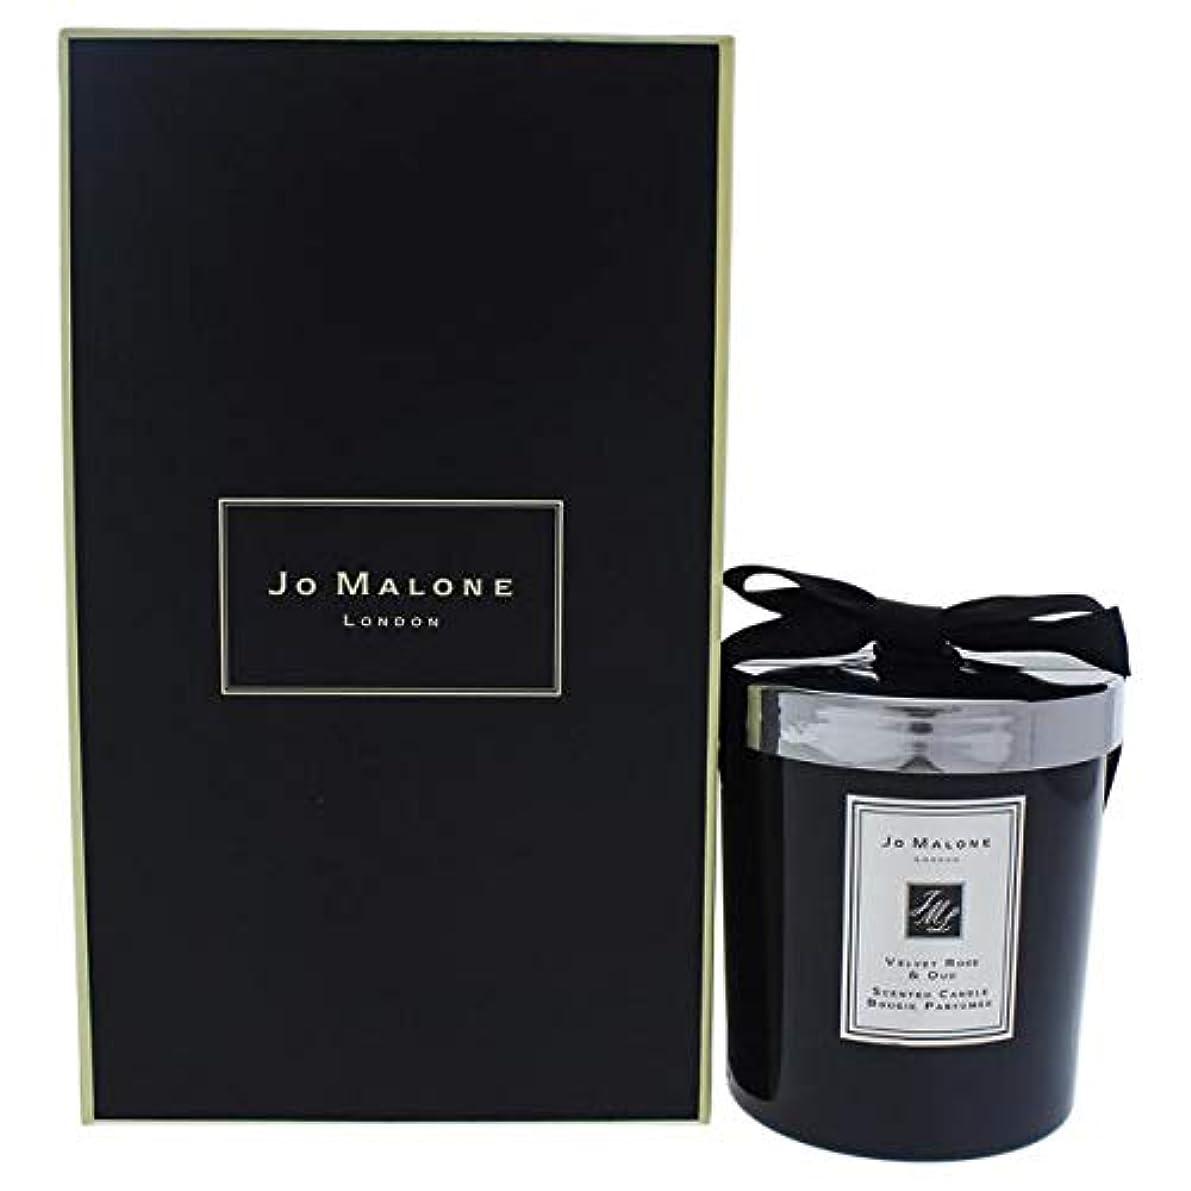 濃度物思いにふける気付くジョーマローン ヴェルベット ローズ&ウード キャンドル 200g (2.5 inch) 並行輸入品